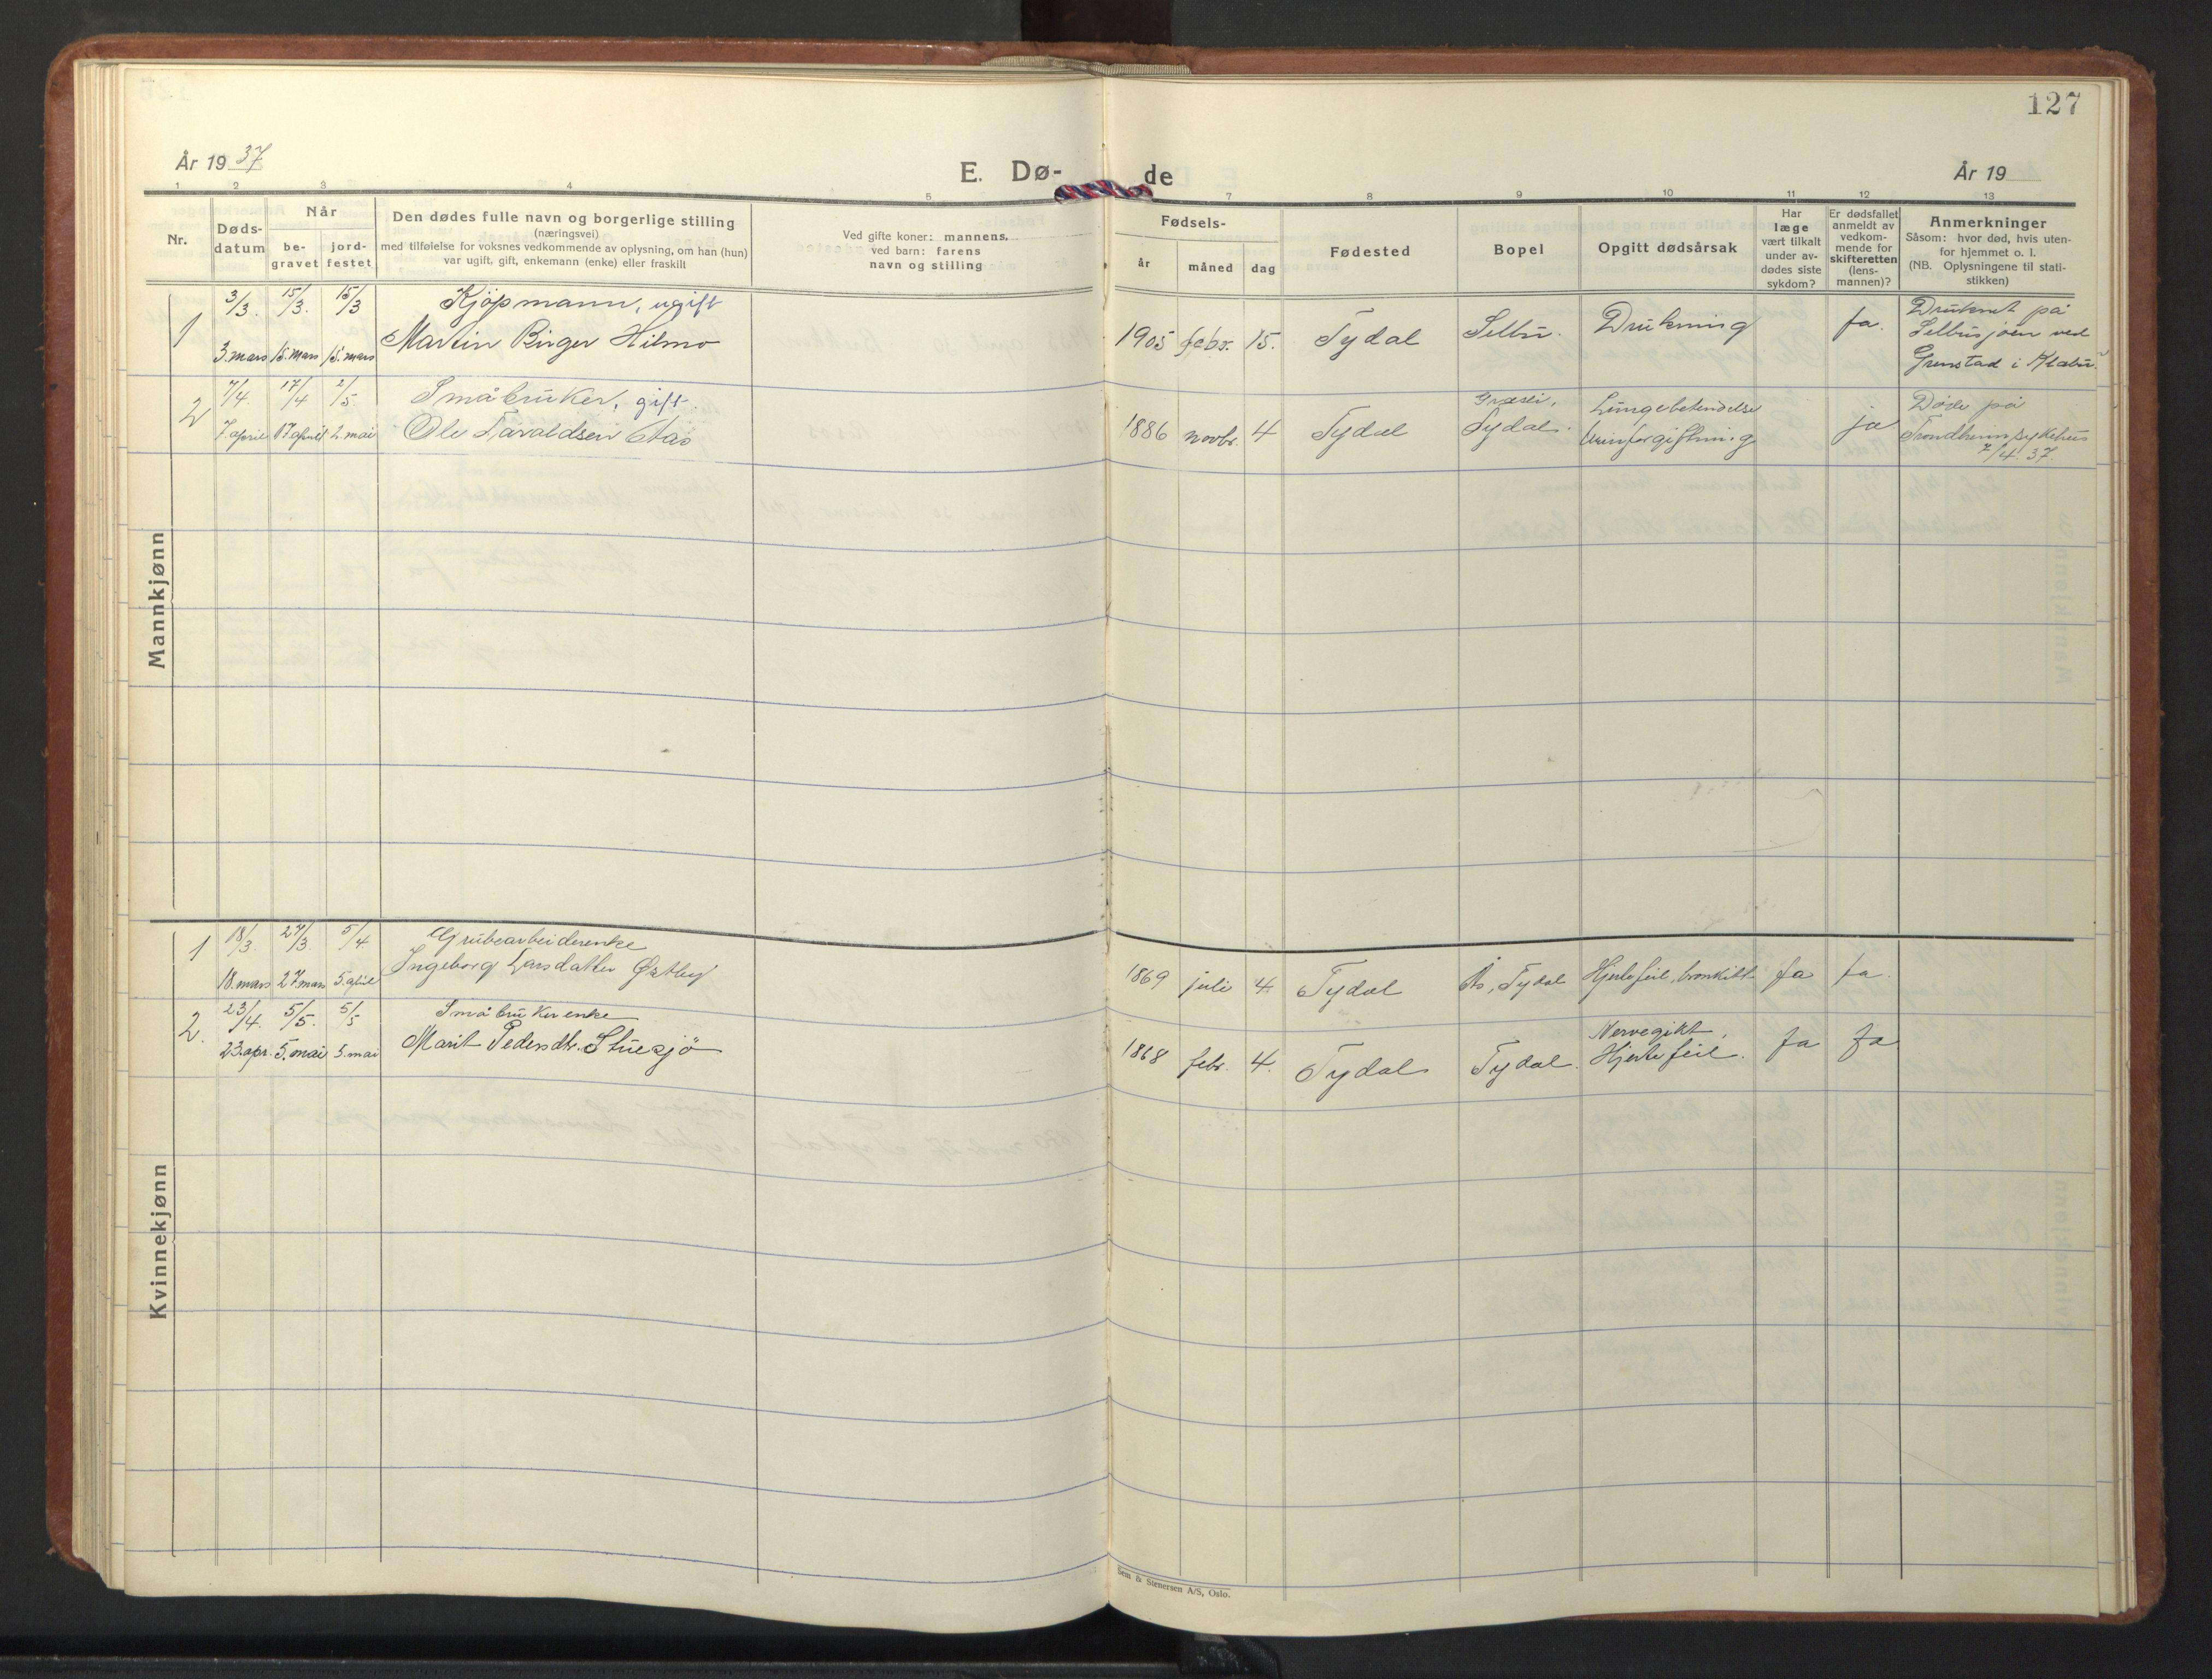 SAT, Ministerialprotokoller, klokkerbøker og fødselsregistre - Sør-Trøndelag, 698/L1169: Klokkerbok nr. 698C06, 1930-1949, s. 127